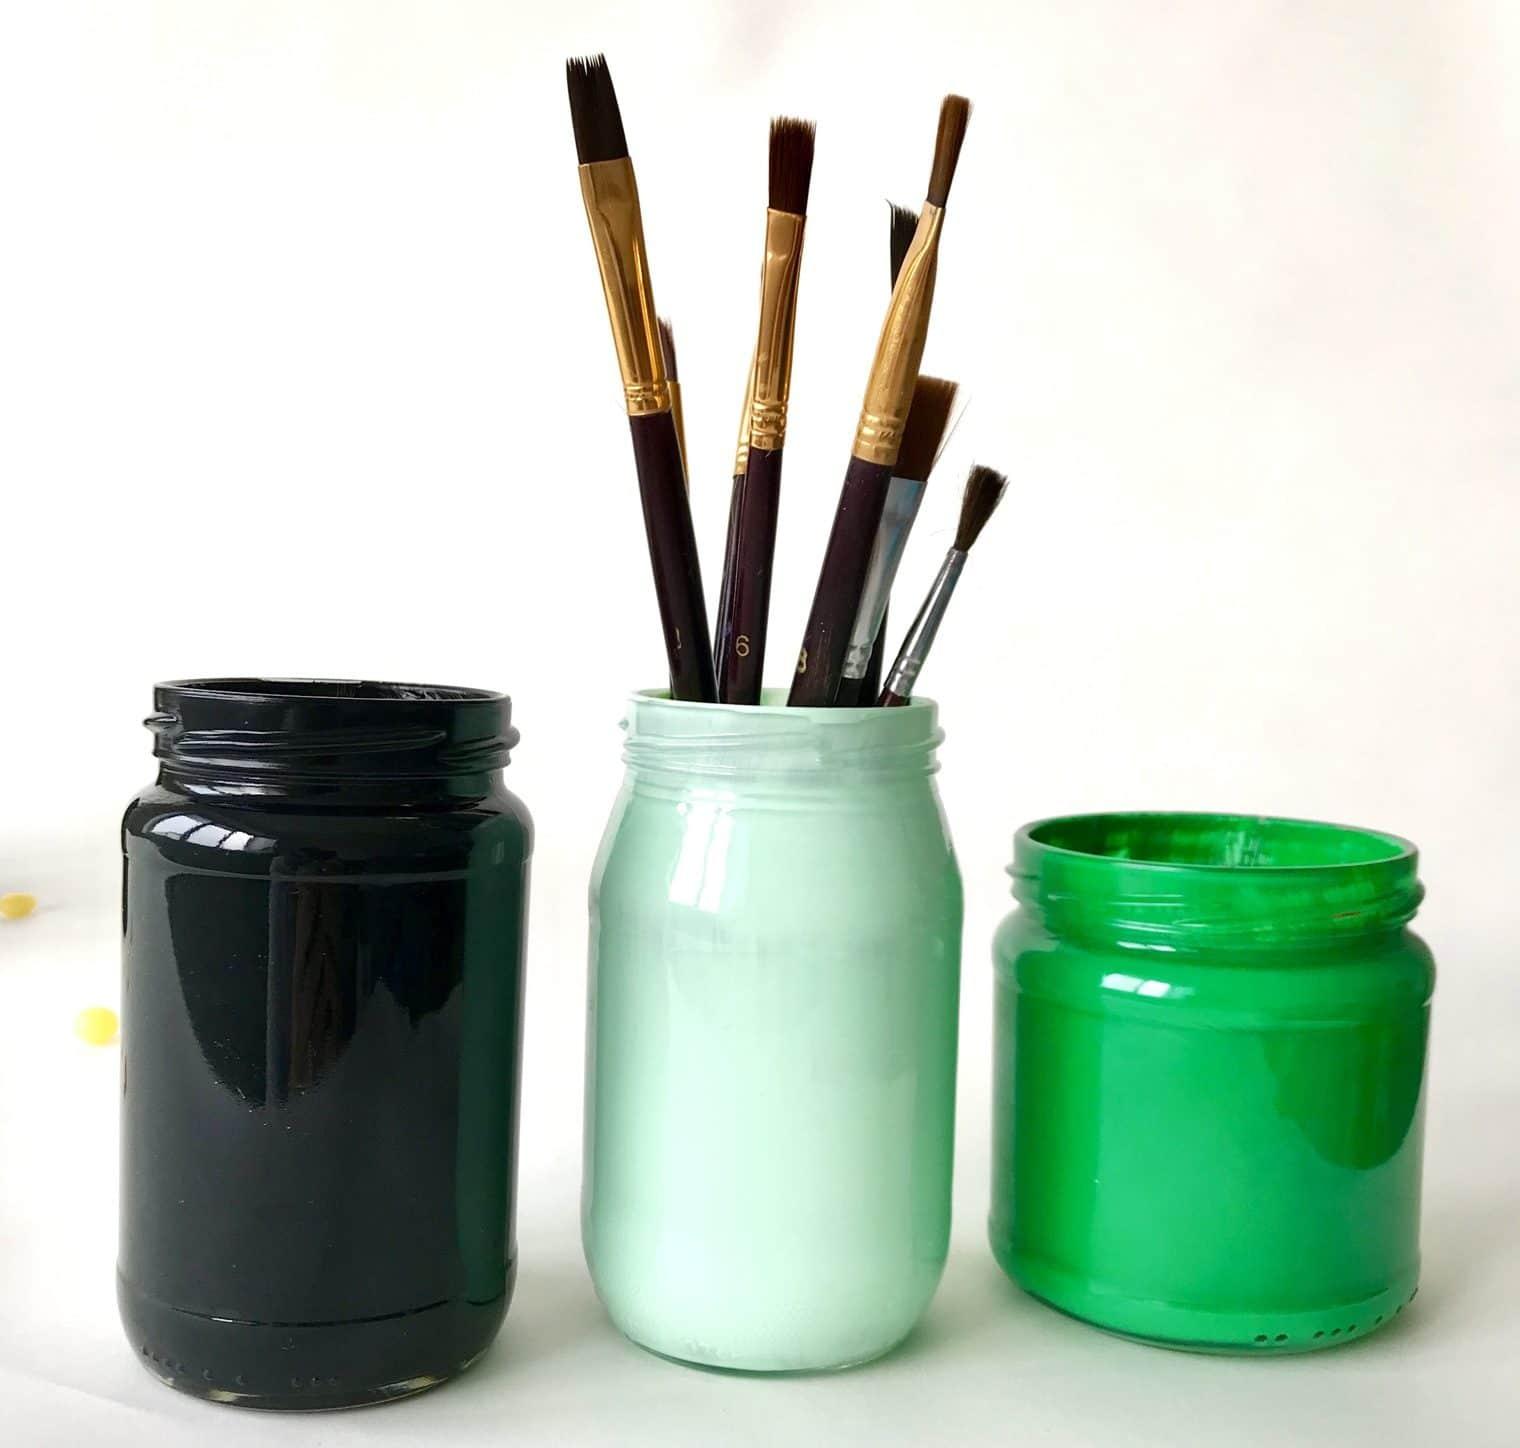 Stiftehalter selber machen, Stiftehalter als Aufbewahrung aus Altglas selber machen